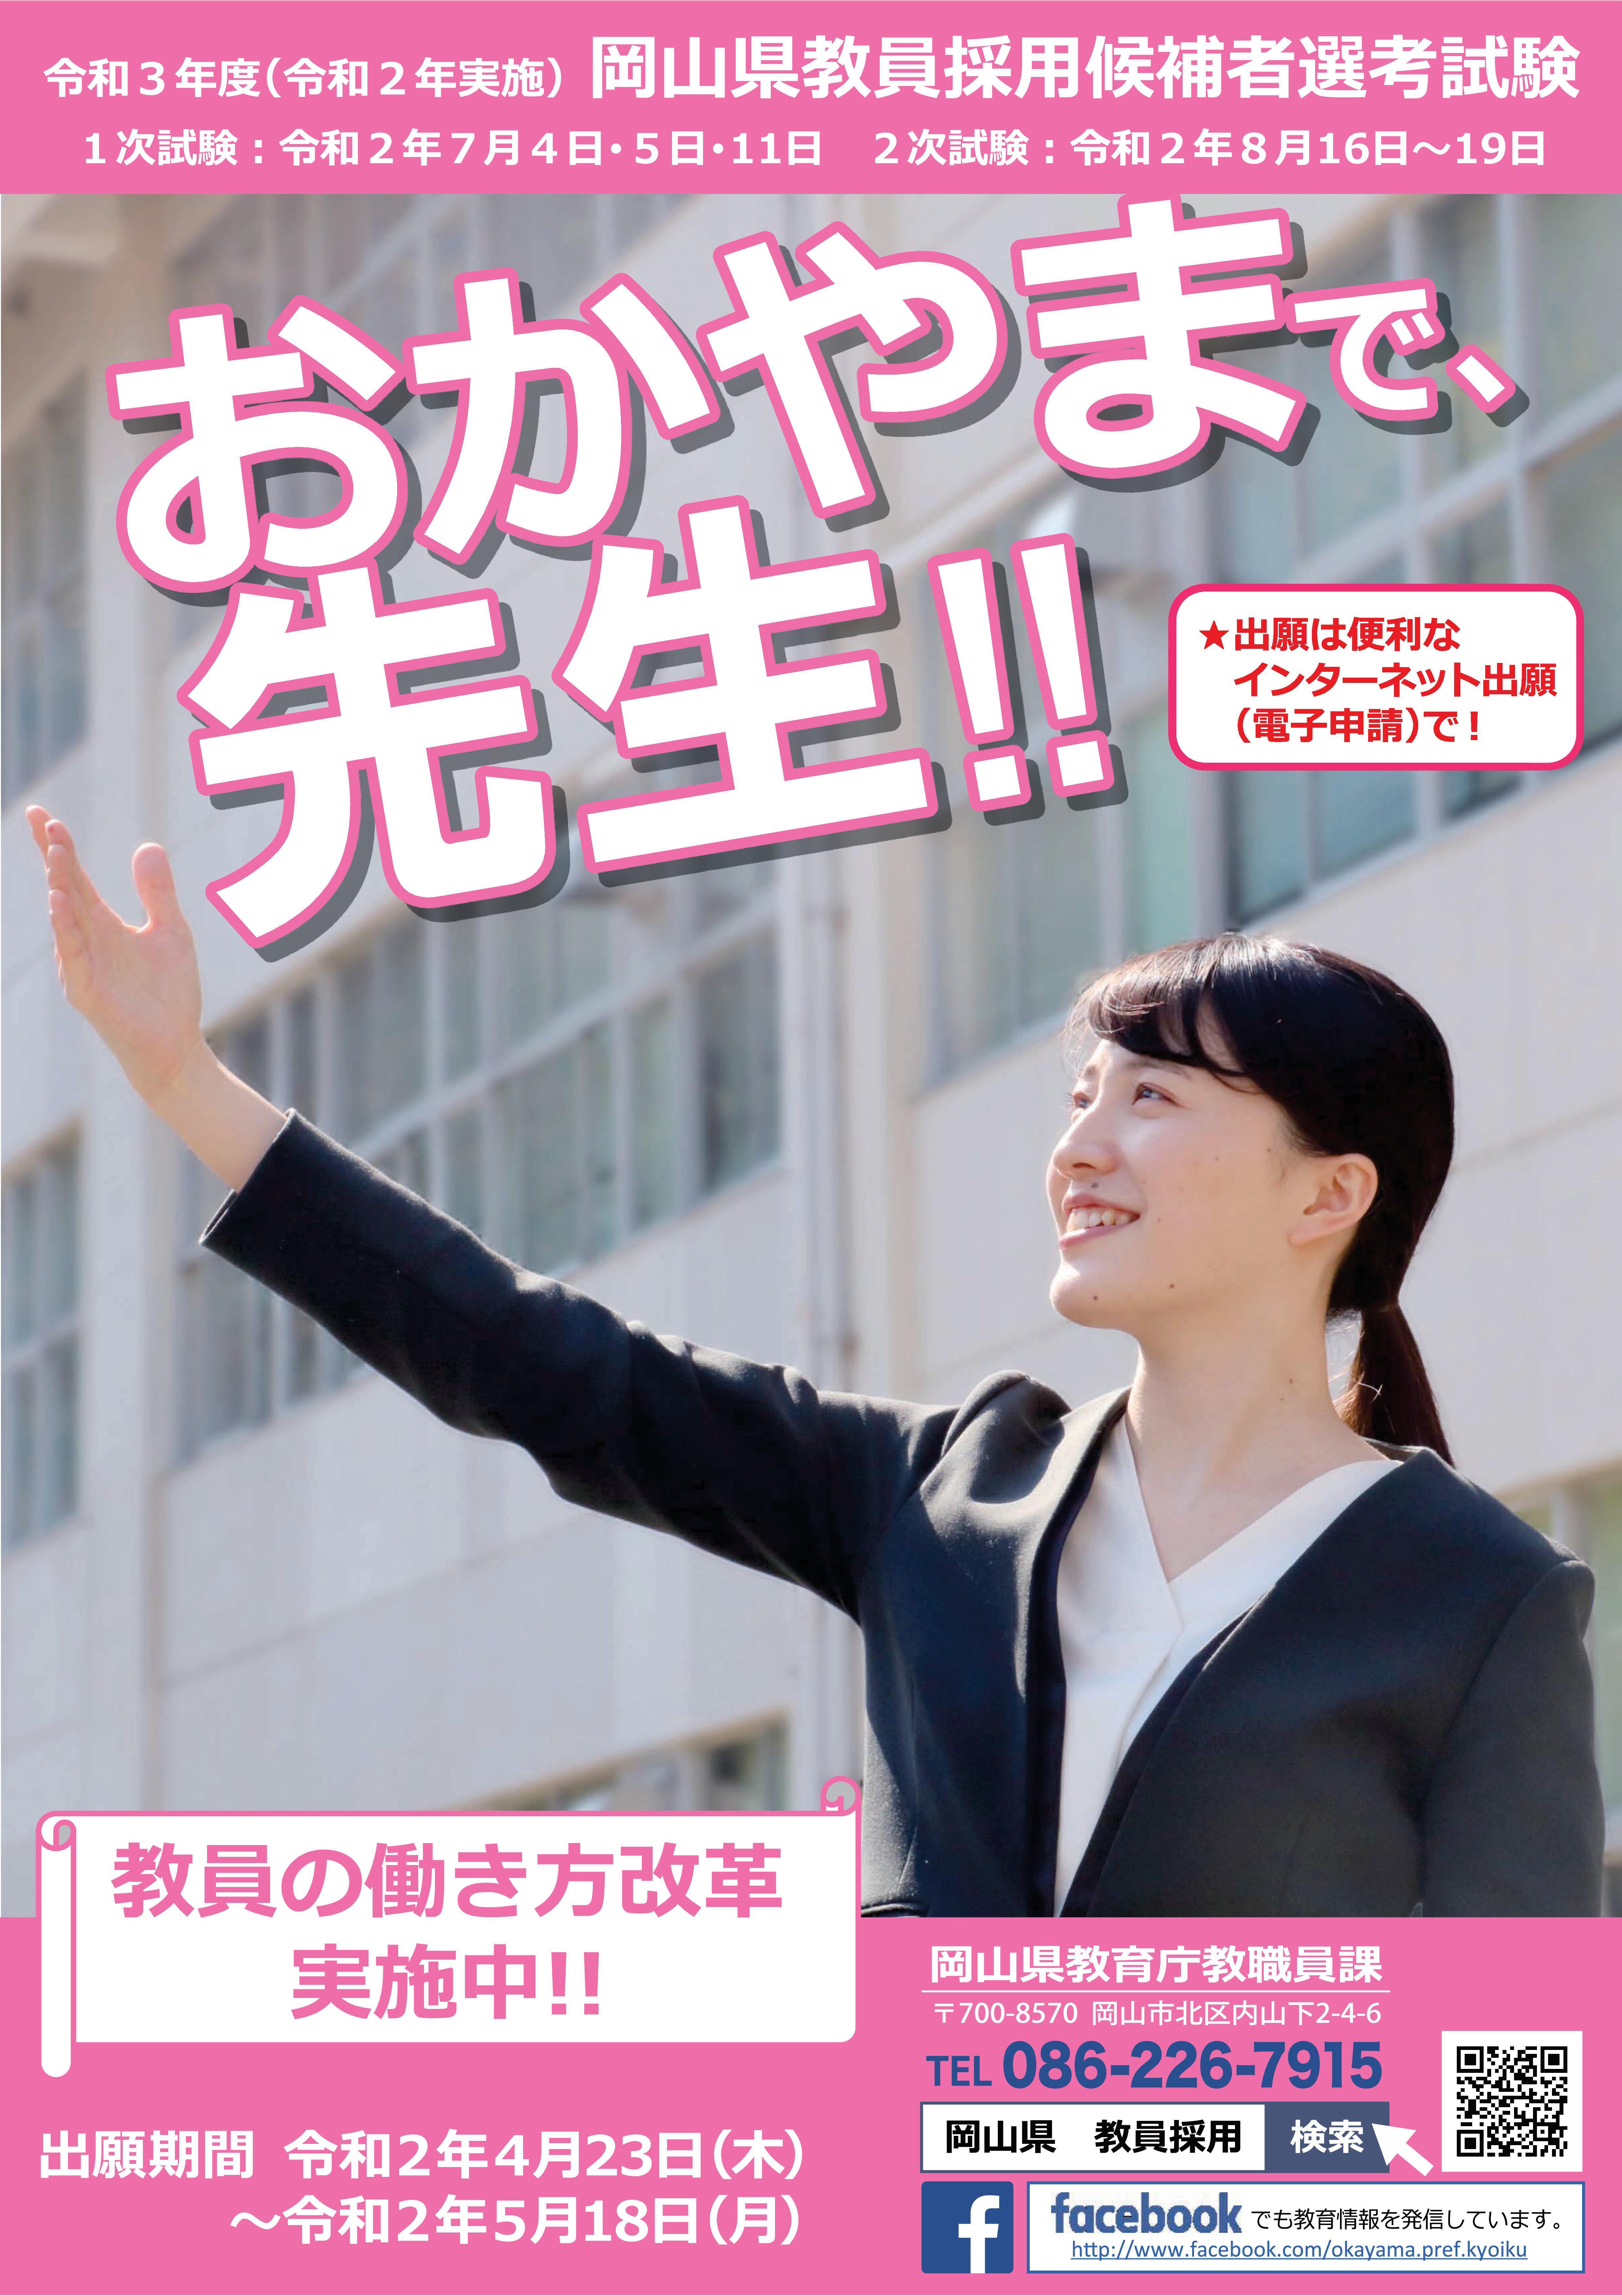 岡山県教員採用候補者選考試験の受付を行っています。